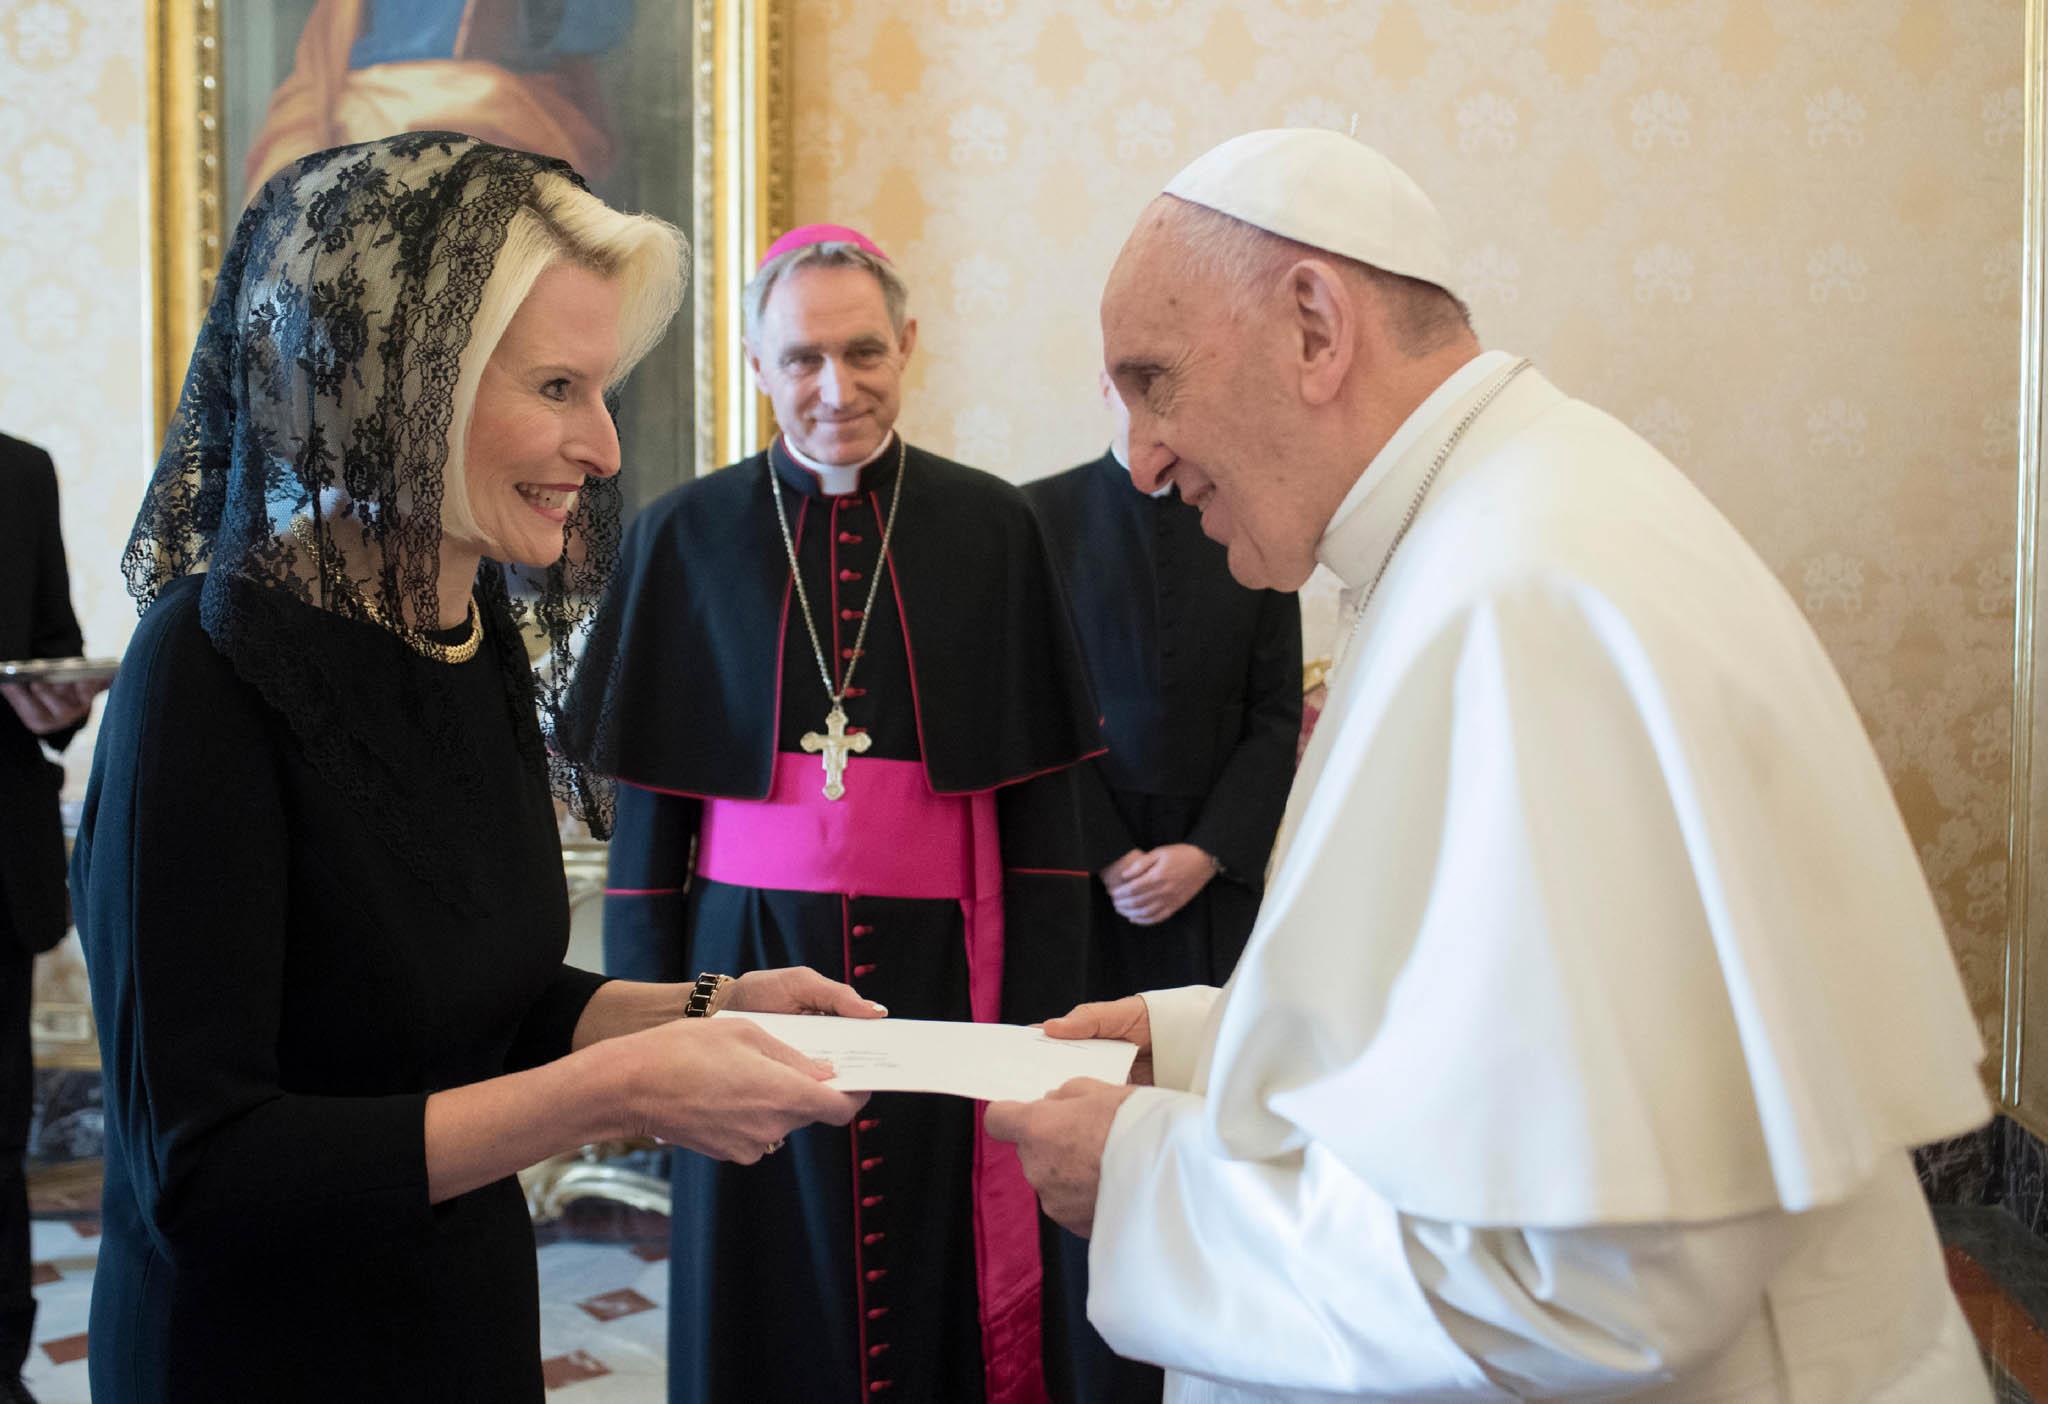 البابا فرنسيس يعين امرأة وكيلة لوزارة خارجية الفاتيكان